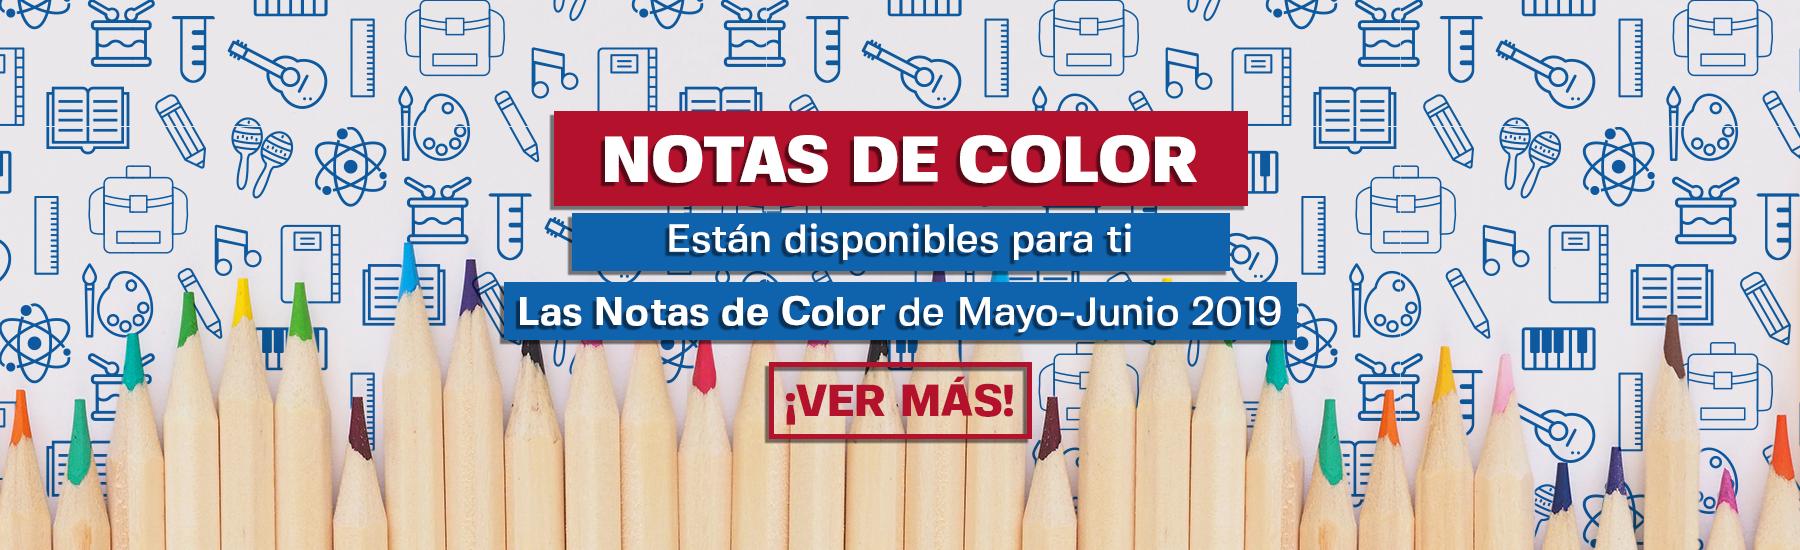 Notas de Color - Mayo Junio